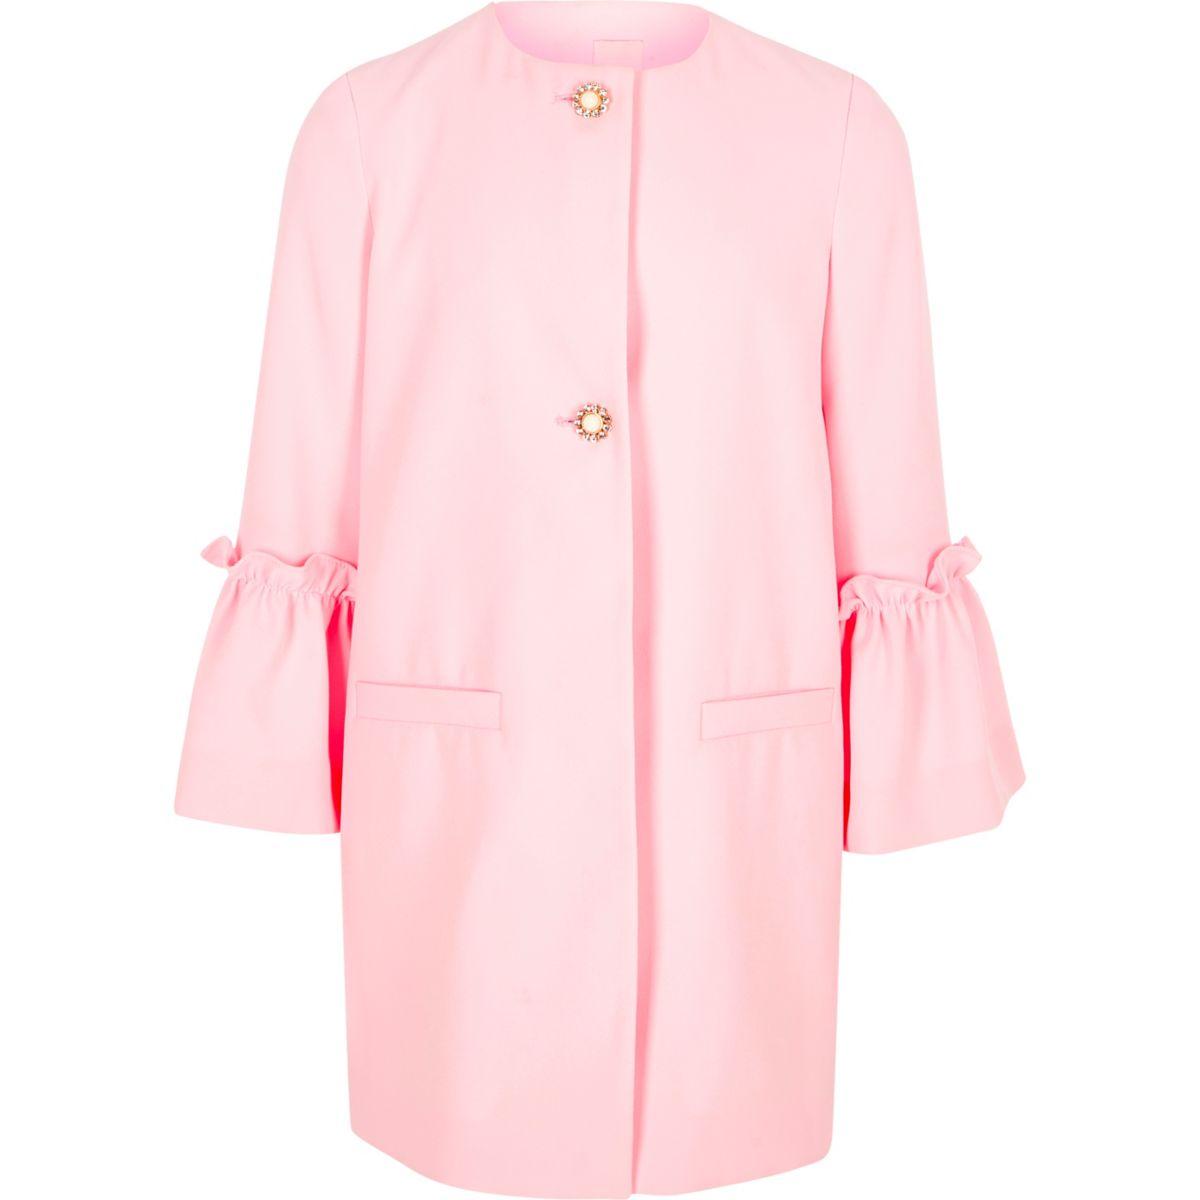 Manteau rose clair à volants avec boutons perles pour fille